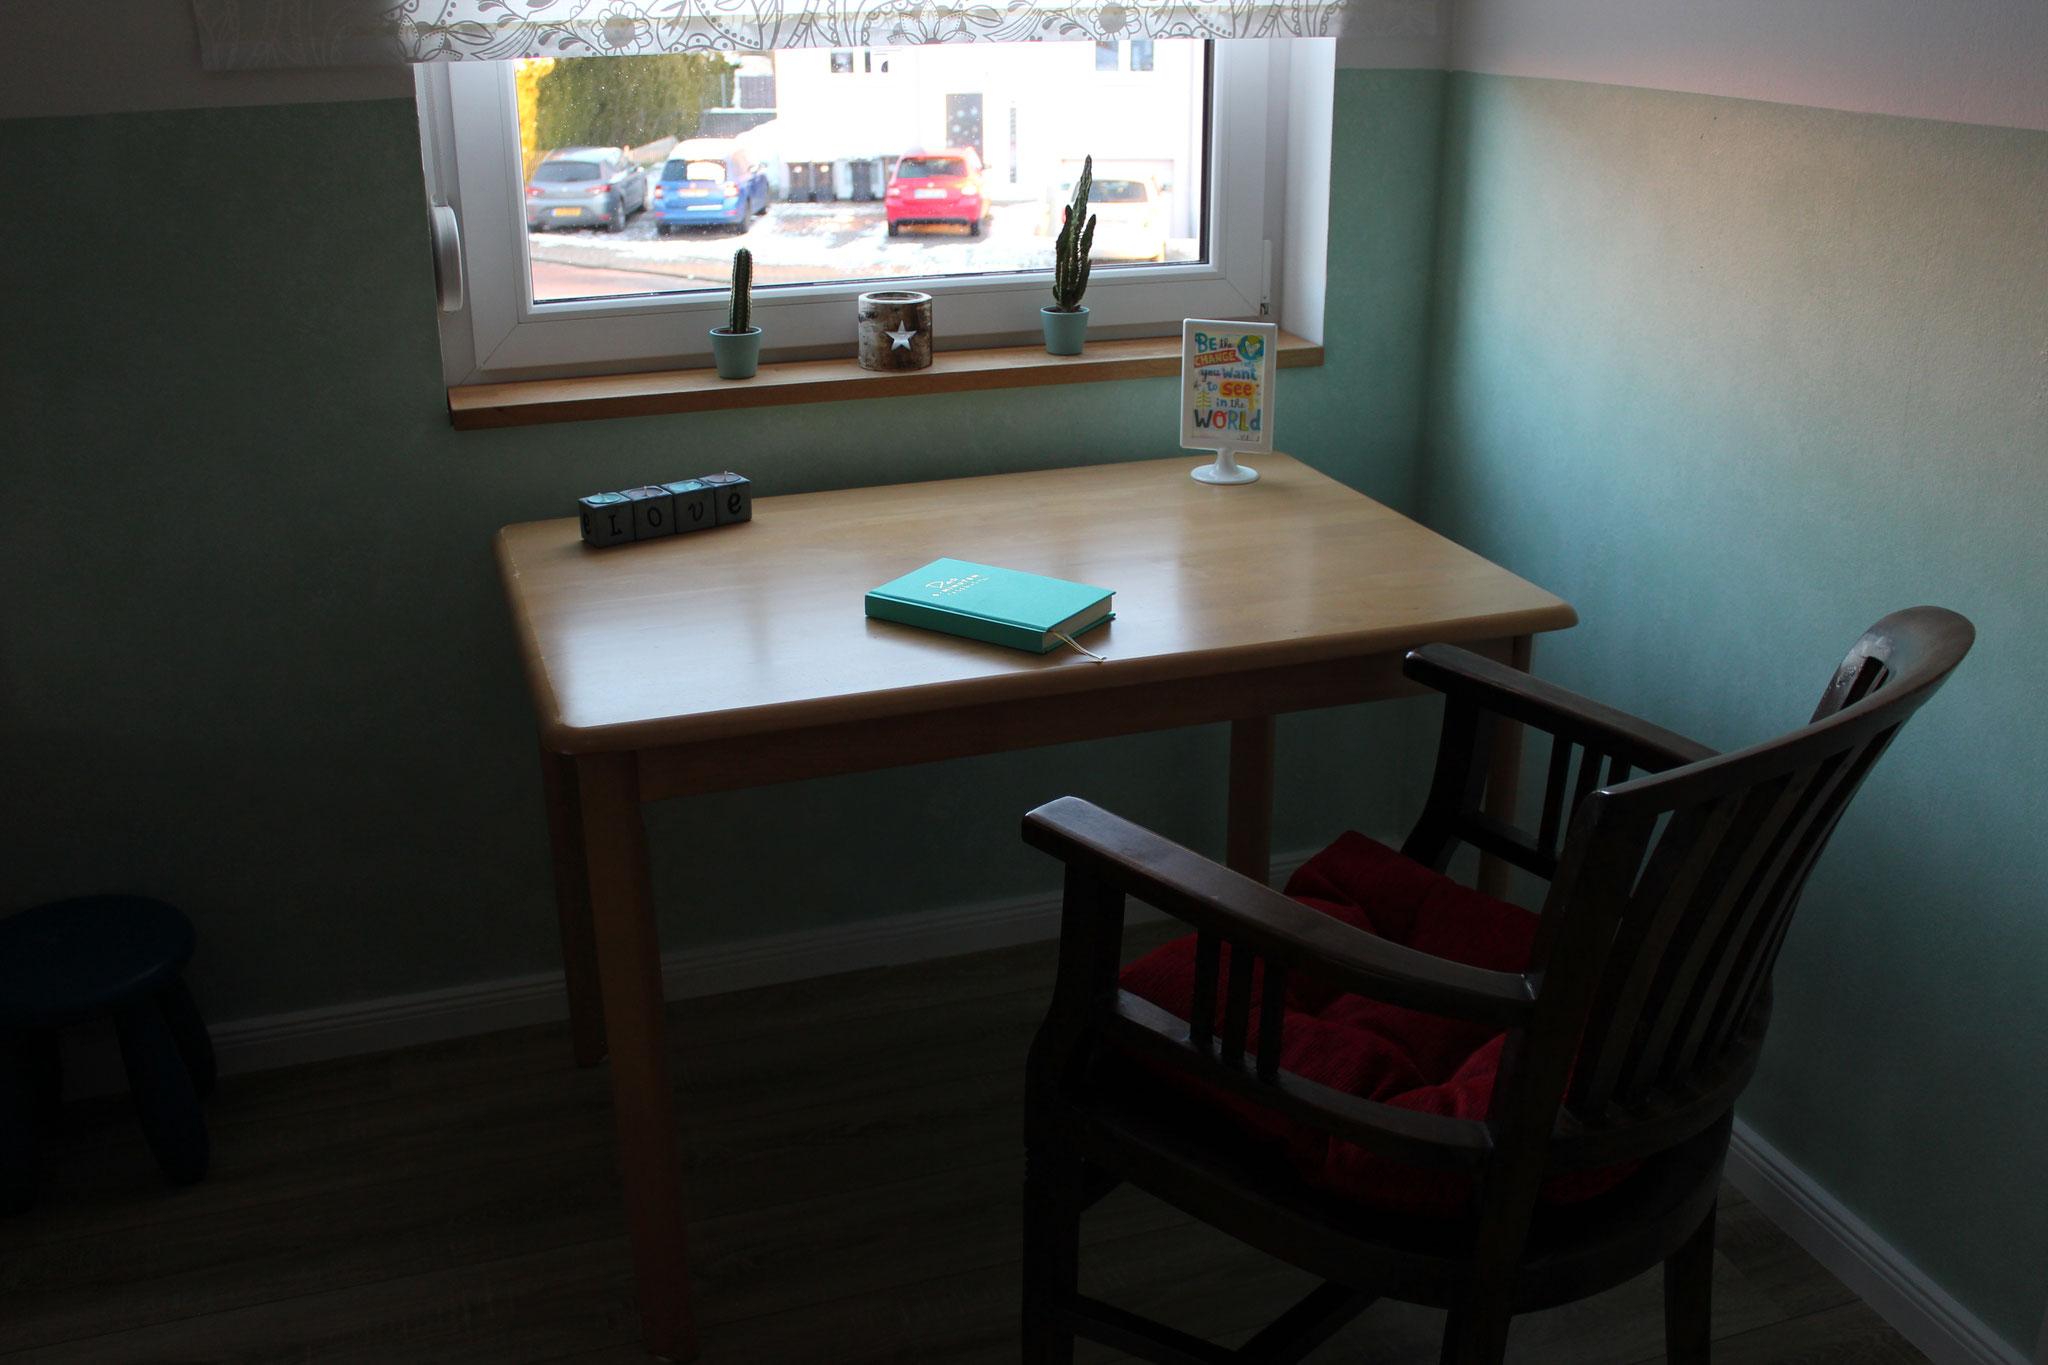 Schreibtisch direkt am Fenster